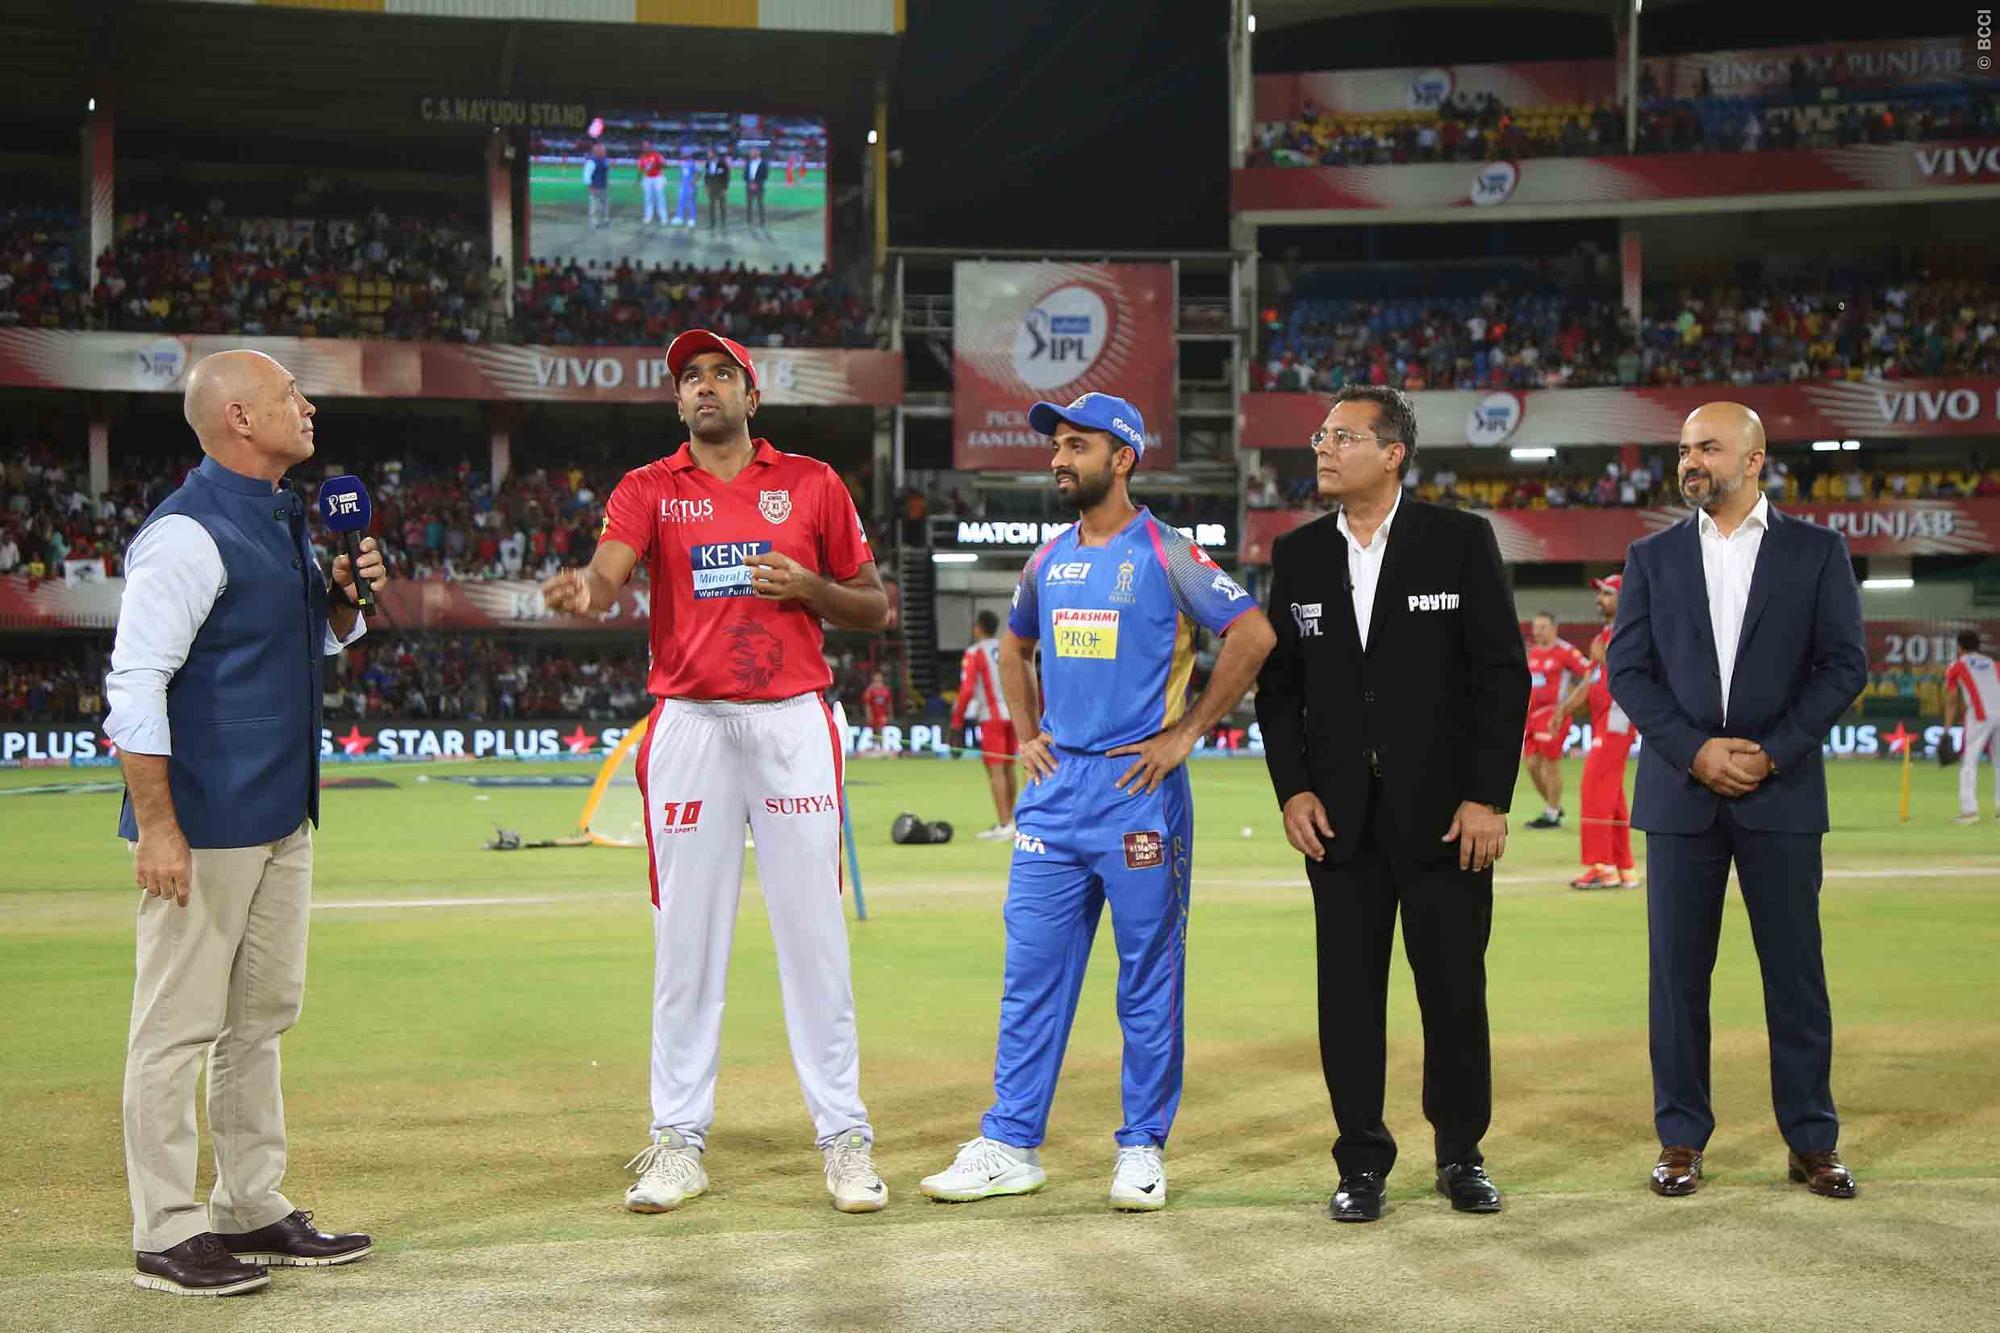 IPL 2018: अजिंक्य रहाणे के खराब प्रदर्शन के अलावा इन 5 कारणों से करना पड़ा राजस्थान को हार का सामना 6